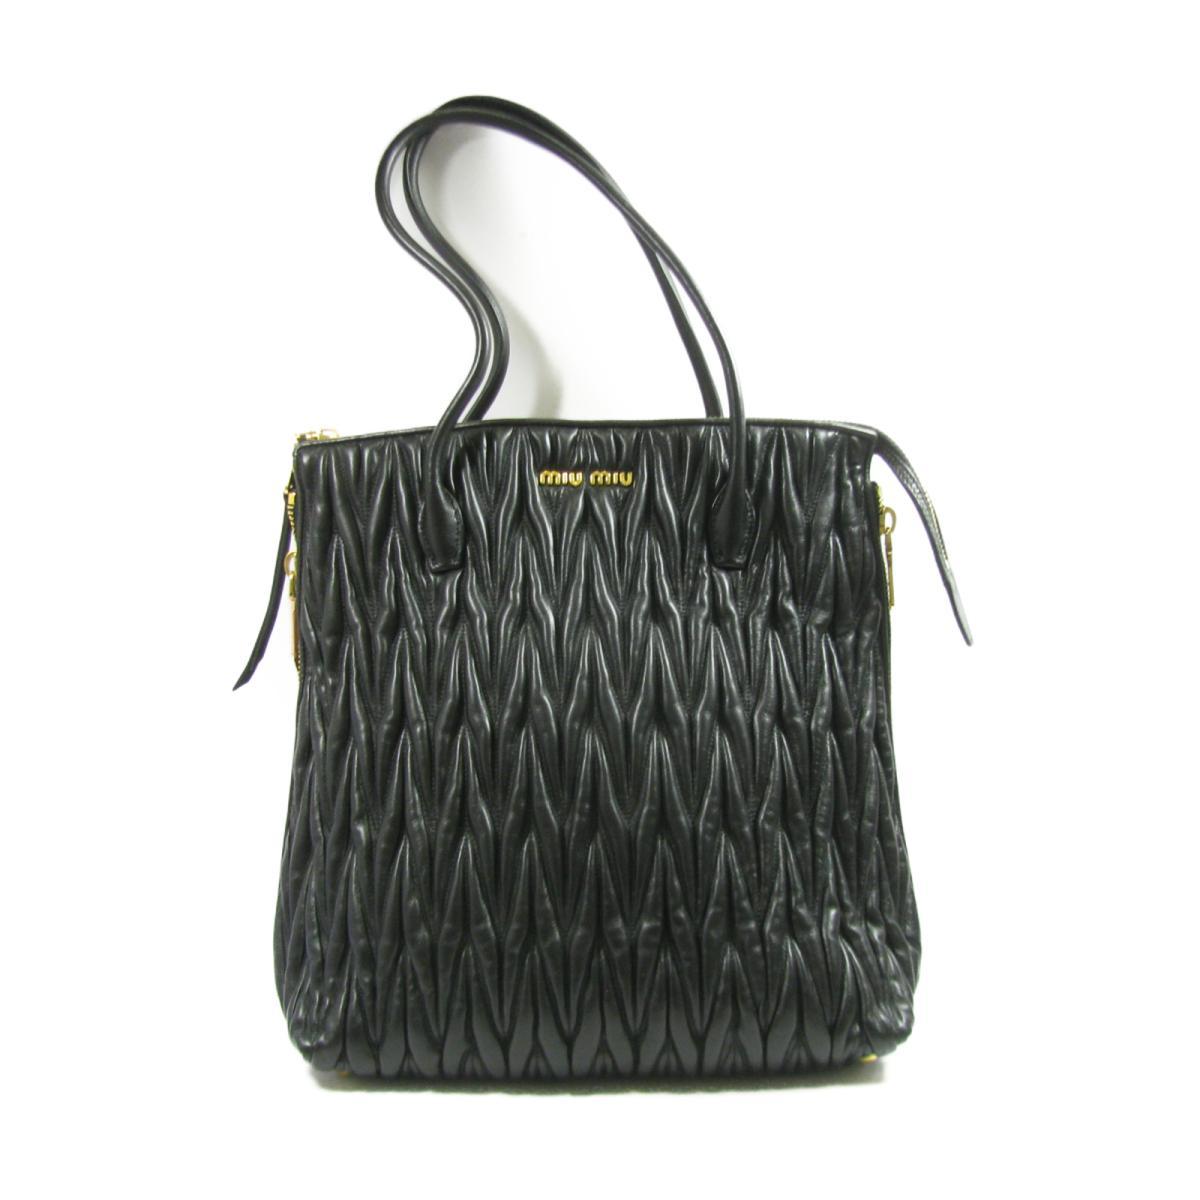 ミュウミュウ トートバッグ レディース レザー ブラック (RR1893 N88 F0002) | miu miu バッグ バック BAG カバン ブランドバッグ ブランドバック 新品 ブランドオフ